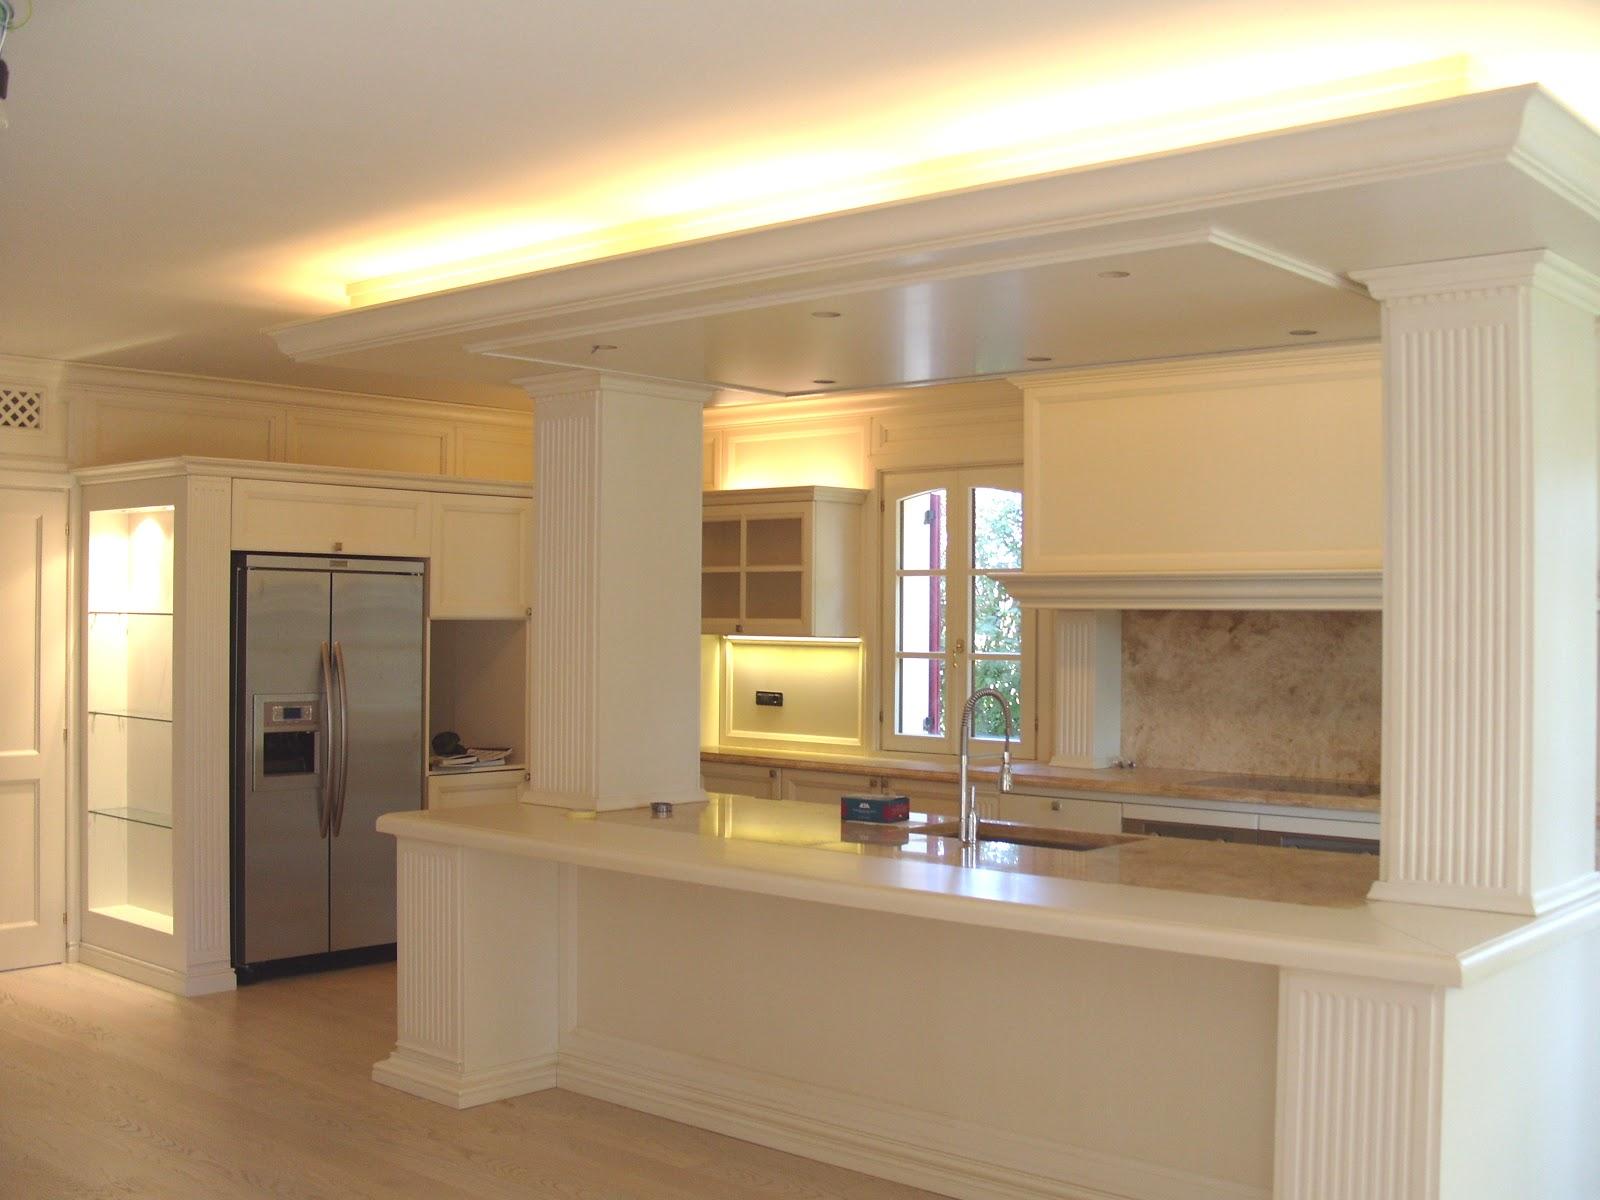 Cucine Moderne Bianche Laccate | 2 Mobilturi Vela Cucina Bianca ...